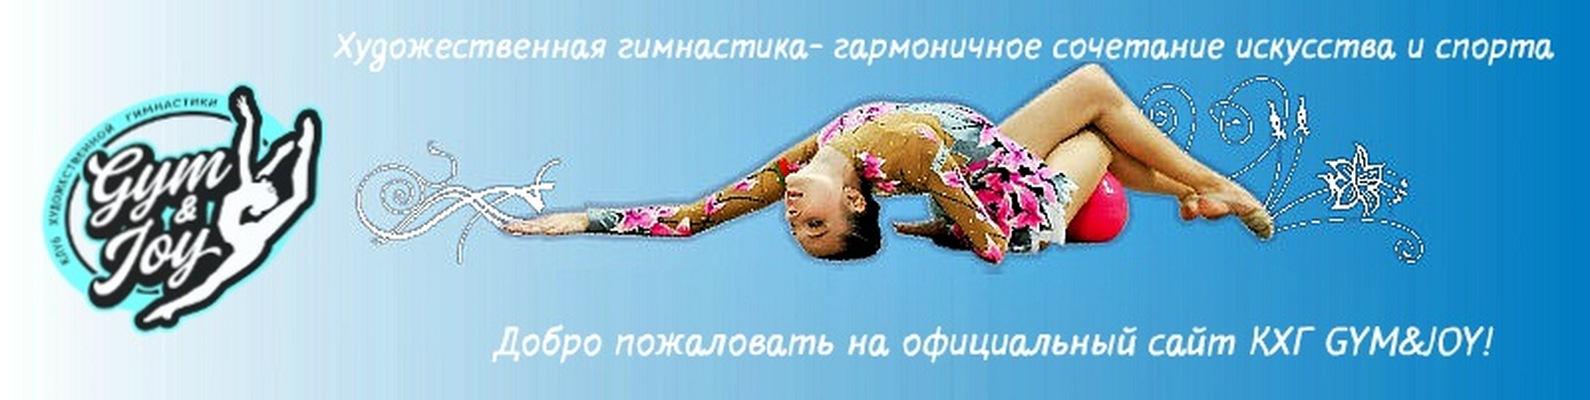 Поздравление с днем рождения тренеру по художественной гимнастике от родителей